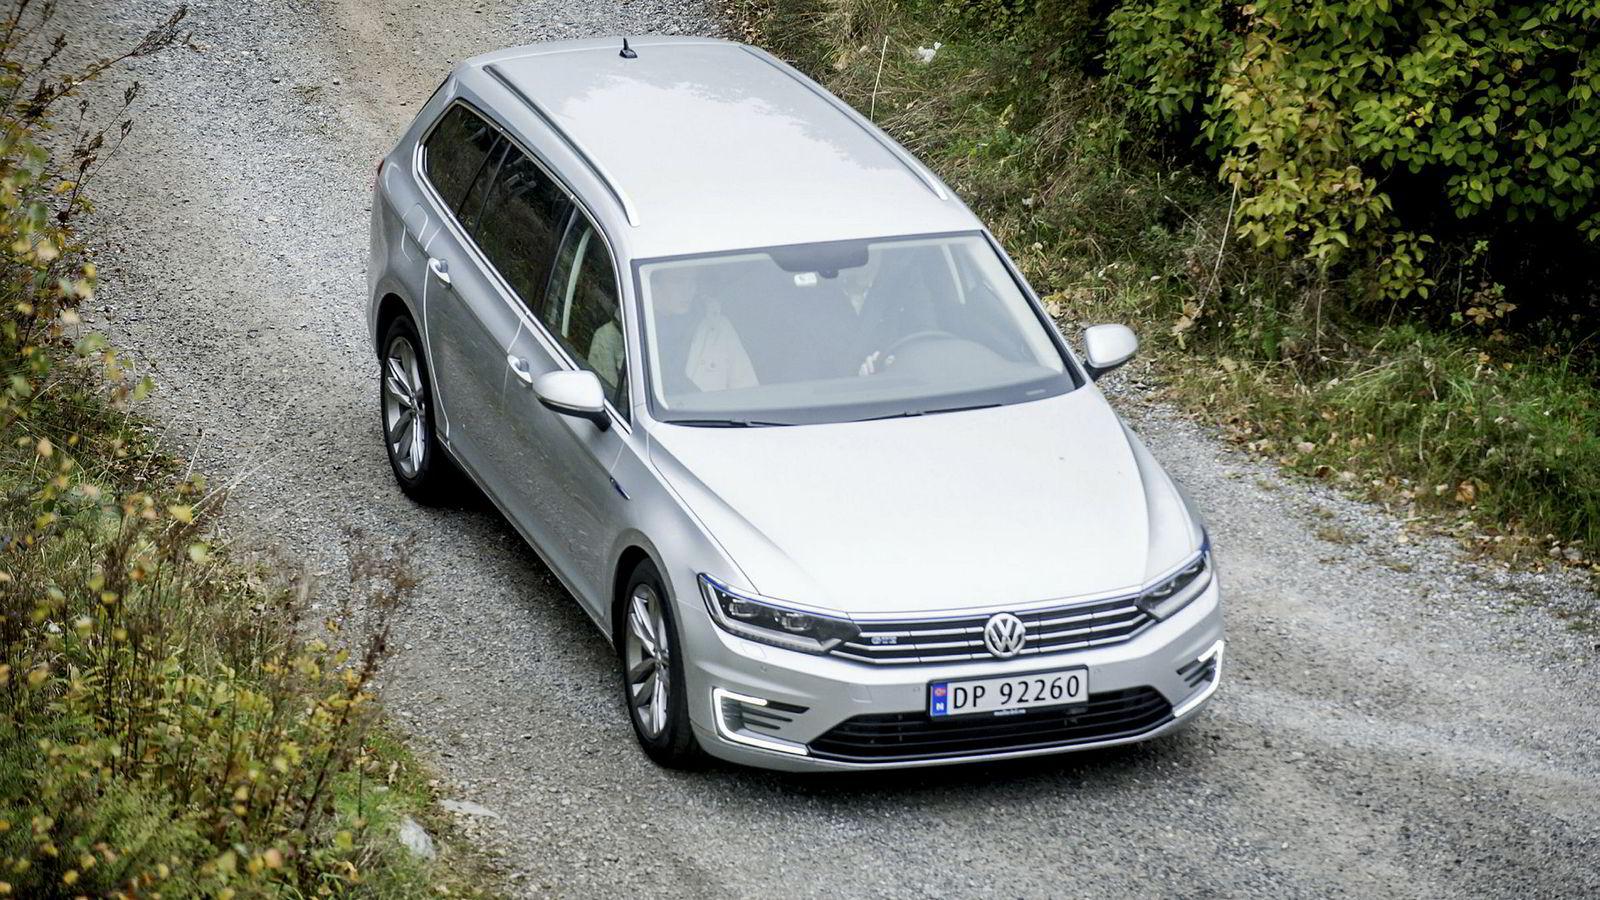 Volkswagen troner på salgstoppen for nye biler i Norge så langt i år med en markedsandel på 14,4 prosent. Bildet er av hybridmodellen Volkswagen Passat GTE.